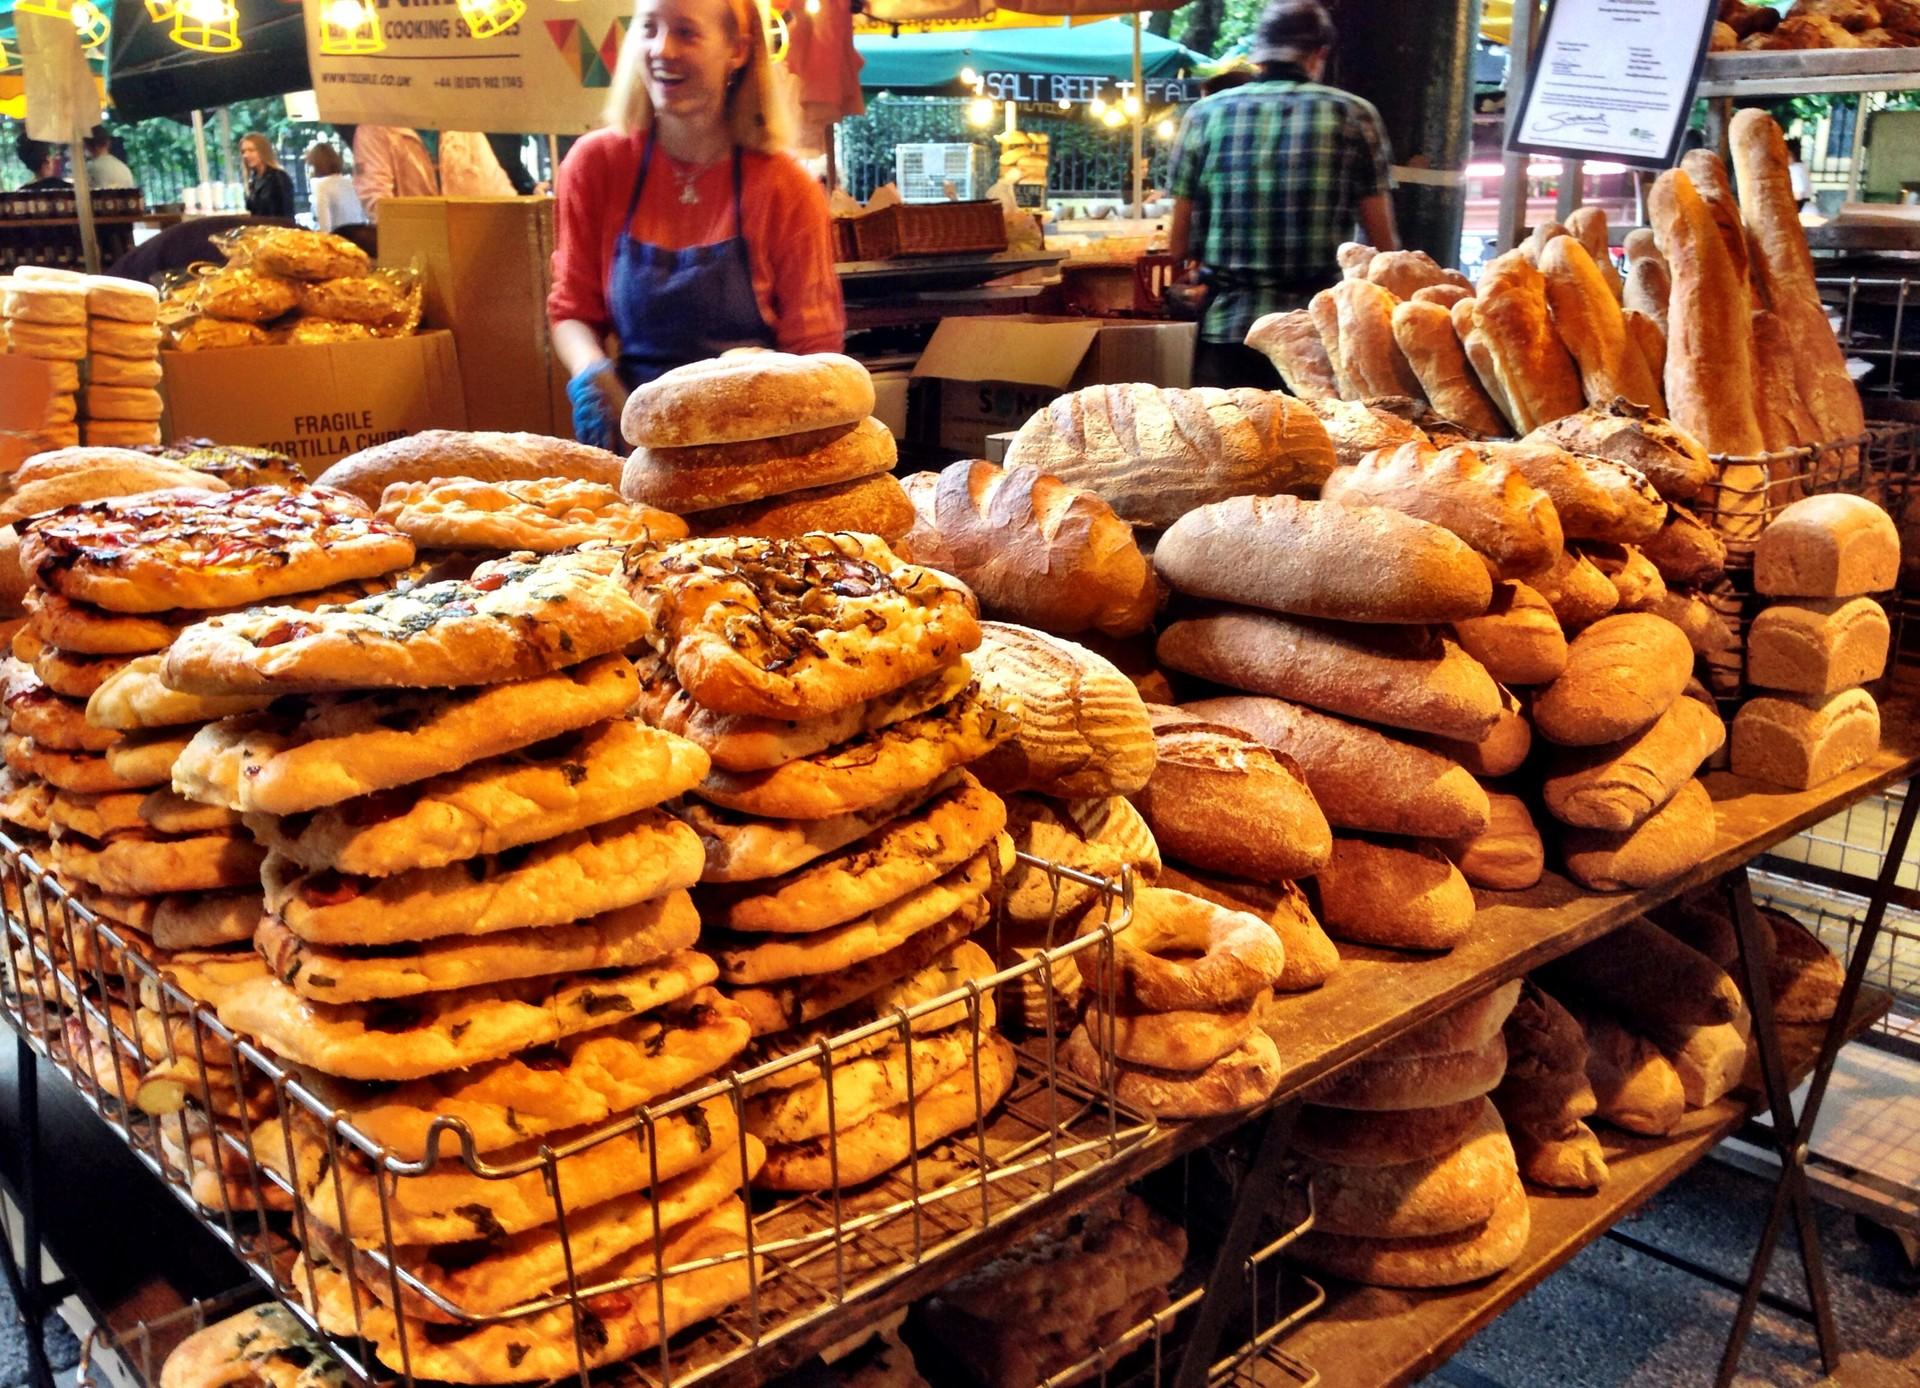 Best food market in London!